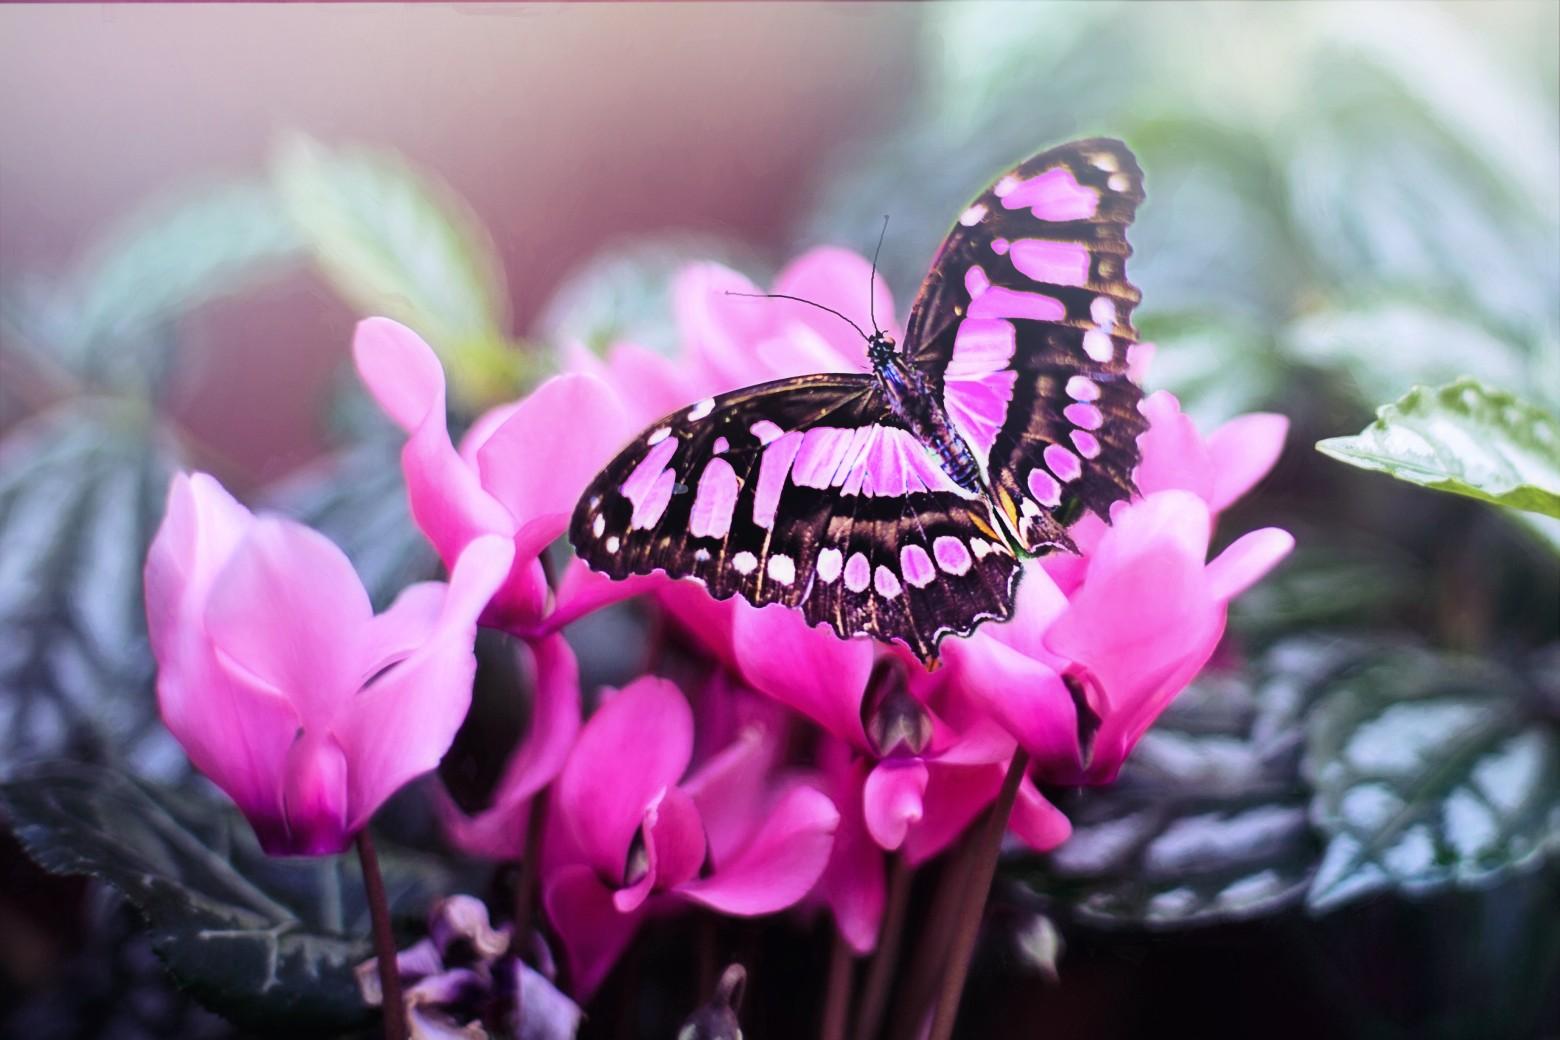 fleurs papillon printemps photo gratuite images gratuites et libres de droits. Black Bedroom Furniture Sets. Home Design Ideas